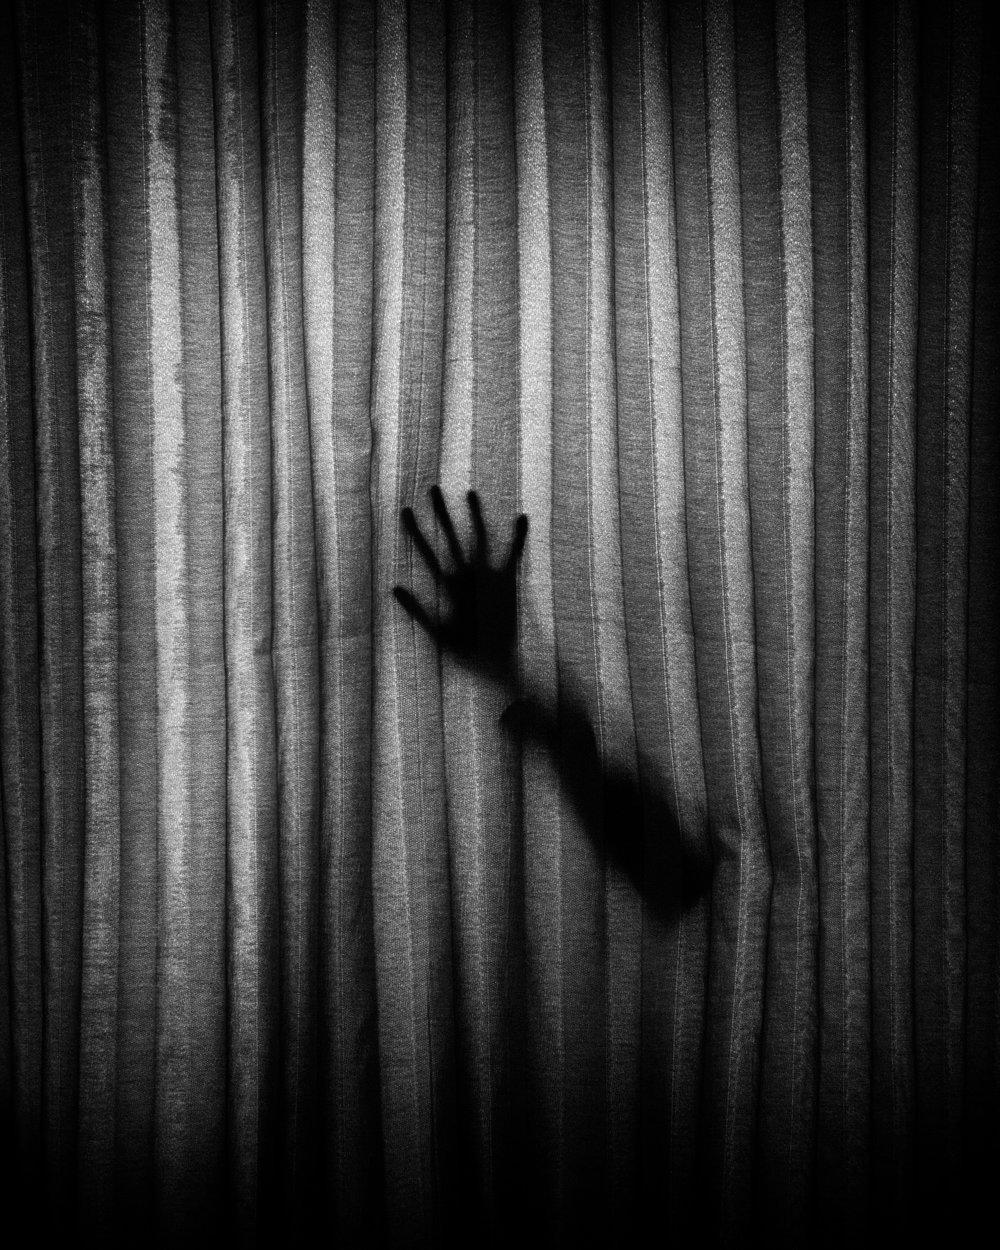 darkness-372434.jpg